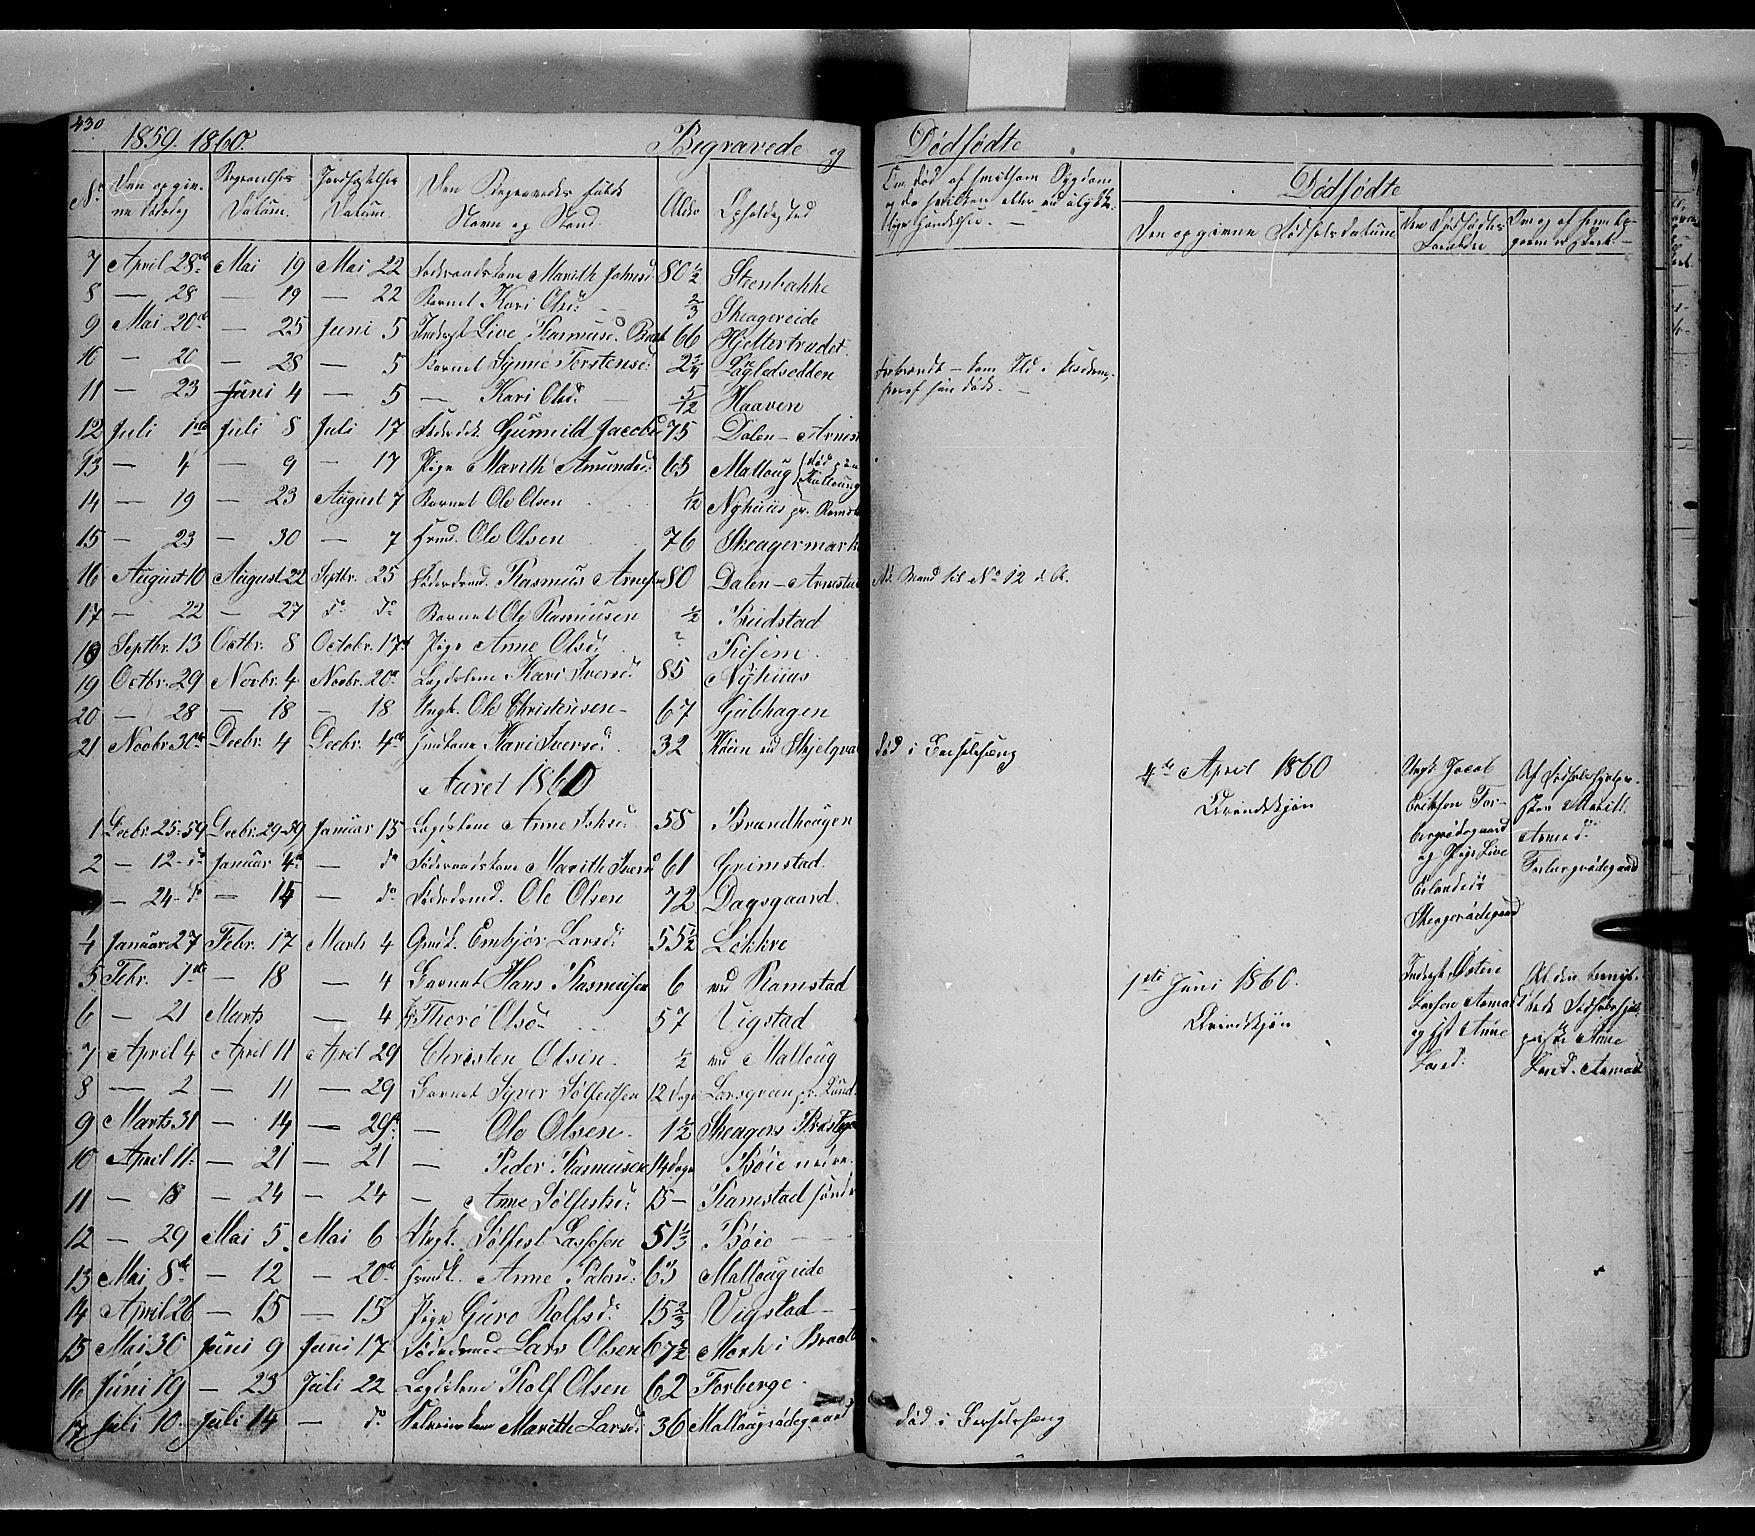 SAH, Lom prestekontor, L/L0004: Klokkerbok nr. 4, 1845-1864, s. 430-431